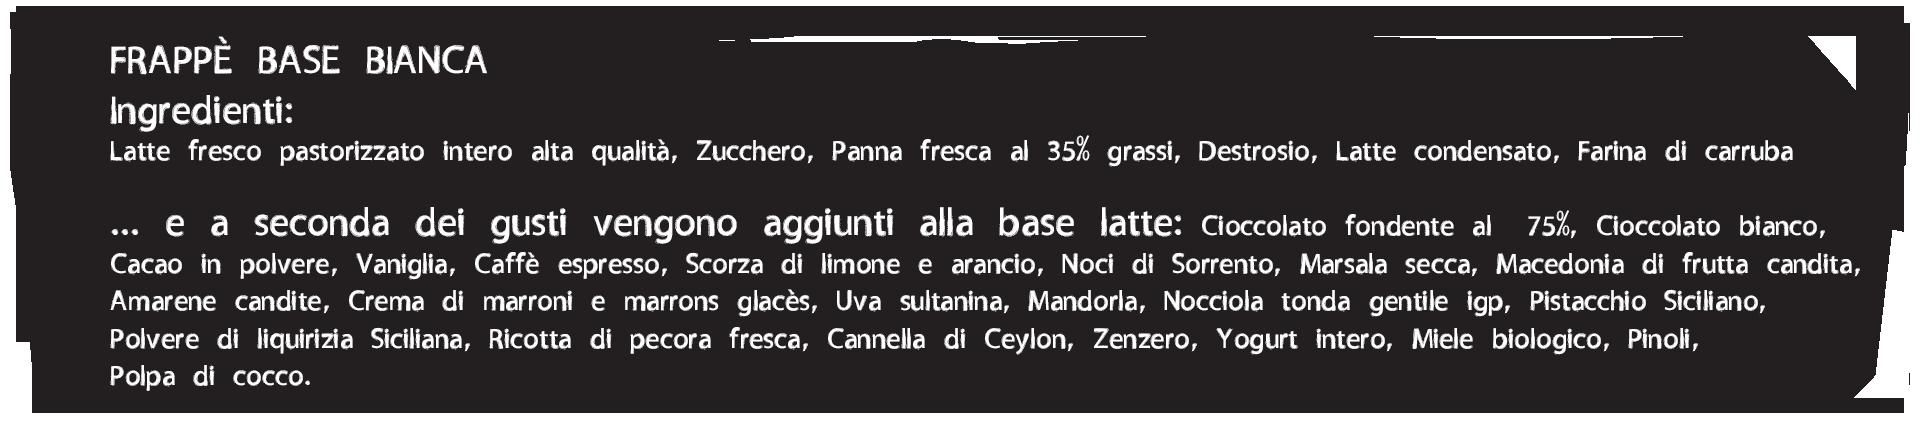 Gelateria Millennium, ingredienti frappè base bianca